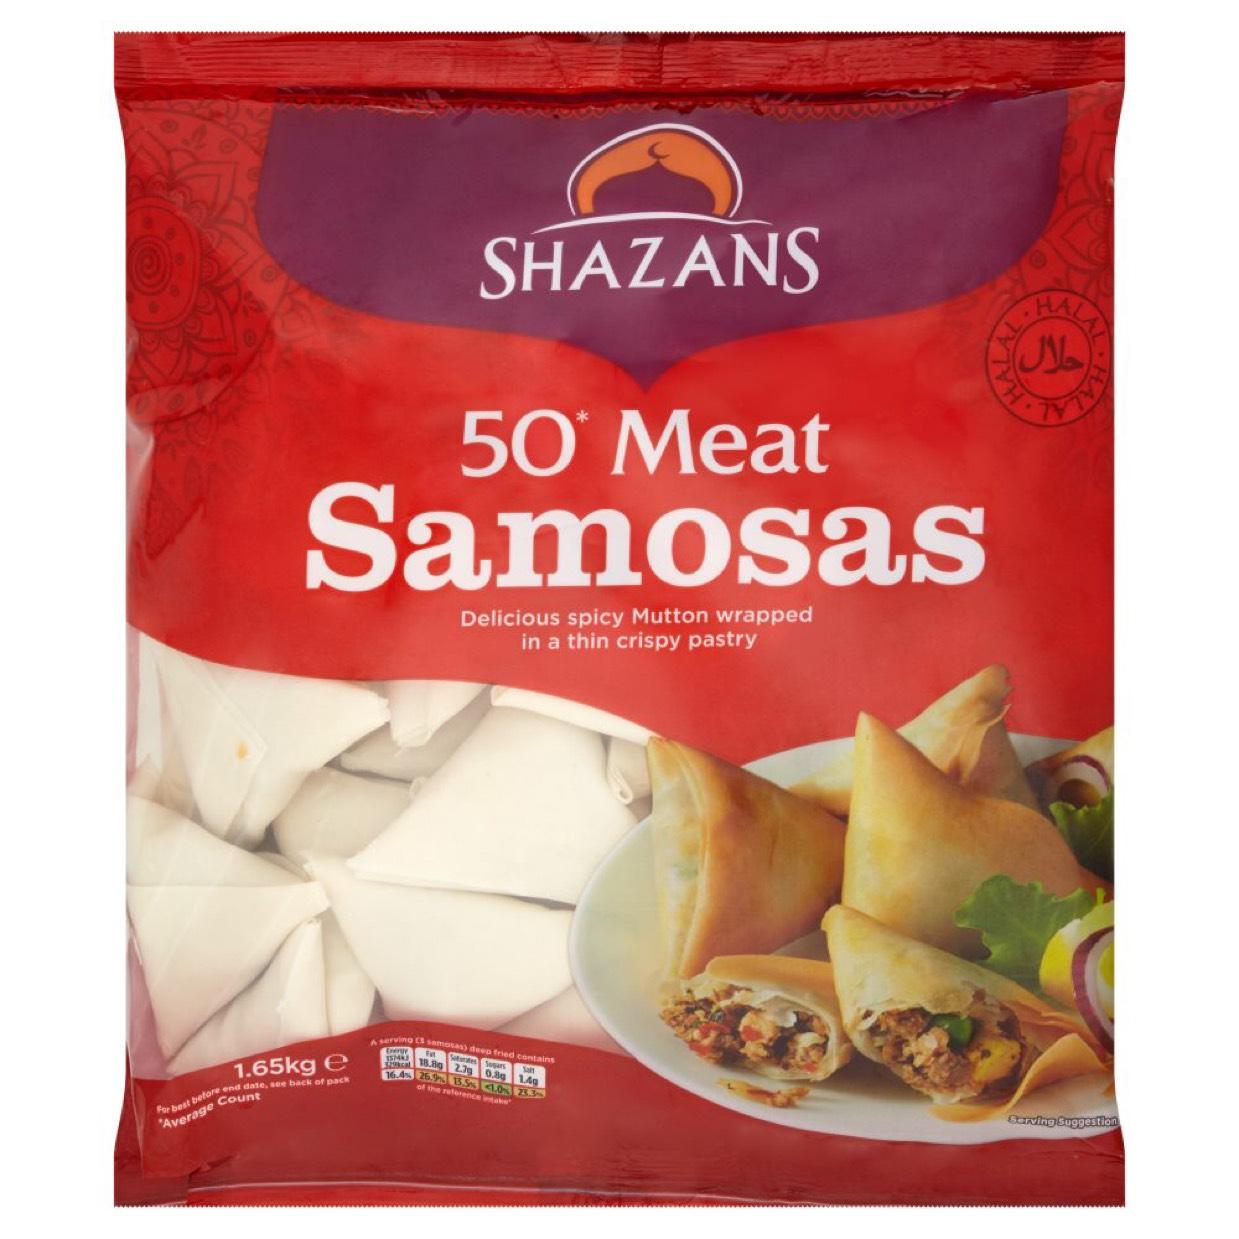 50 Shazans Samosas back to £4.75 again @ Asda